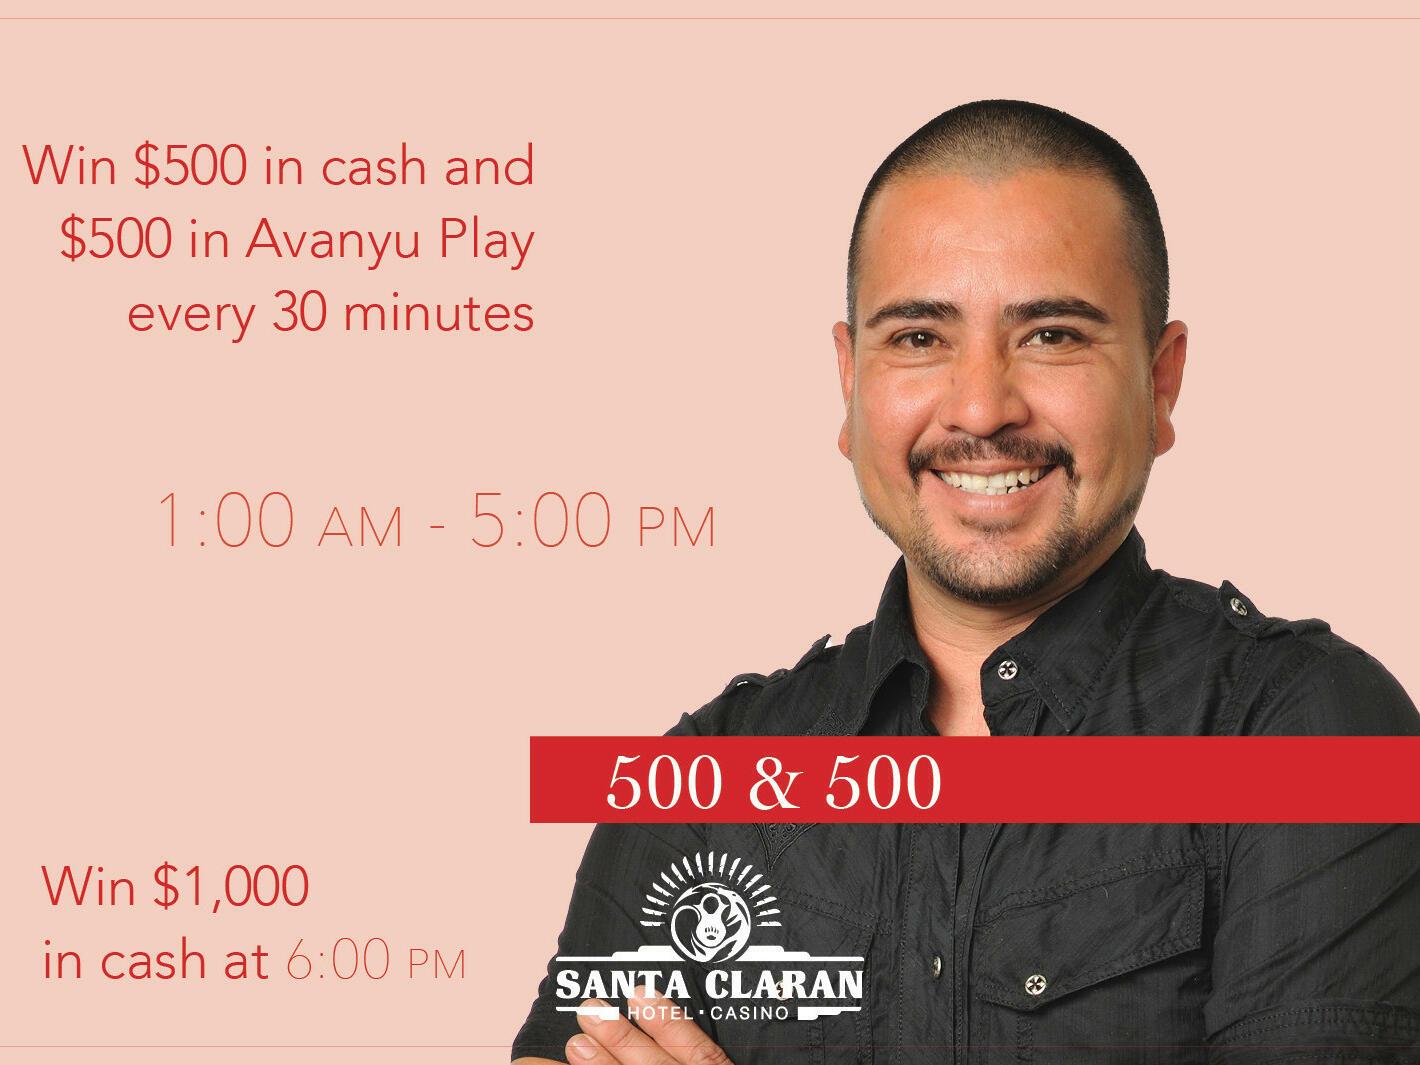 Poster of 500 & 500 at Santa Claran Hotel Casino